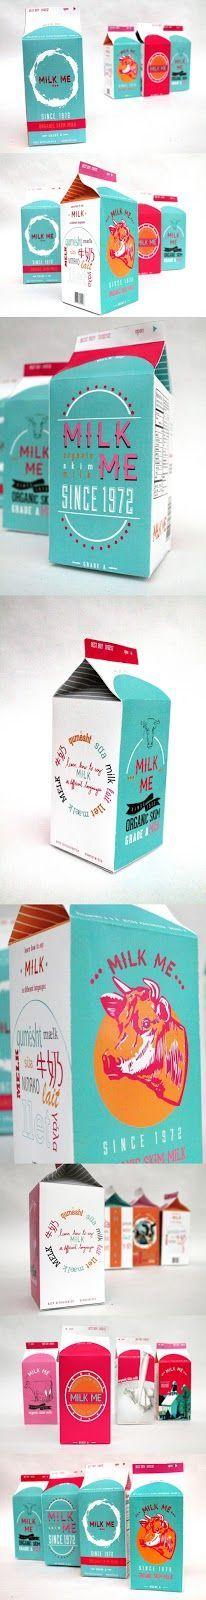 MILK BOX  MILK PACKAGING DESIGN  RETRO MILK DESIGNED BY TAM